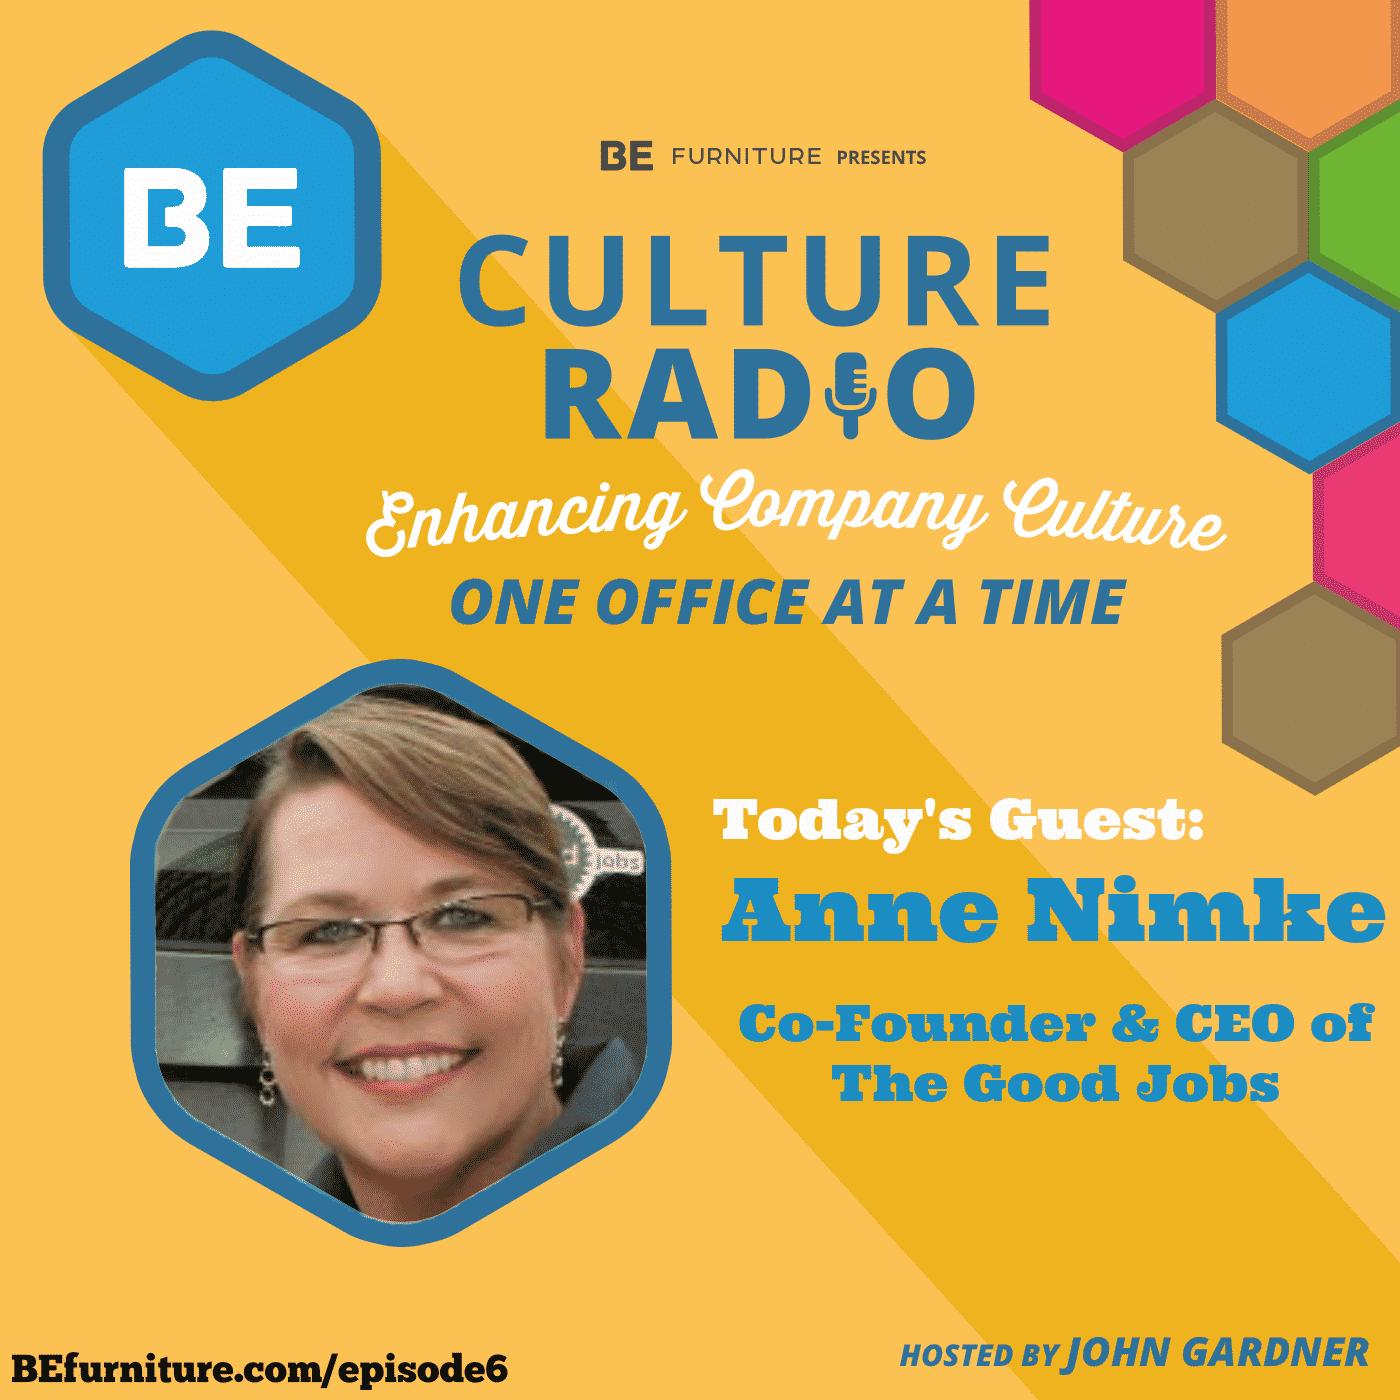 Anne Nimke